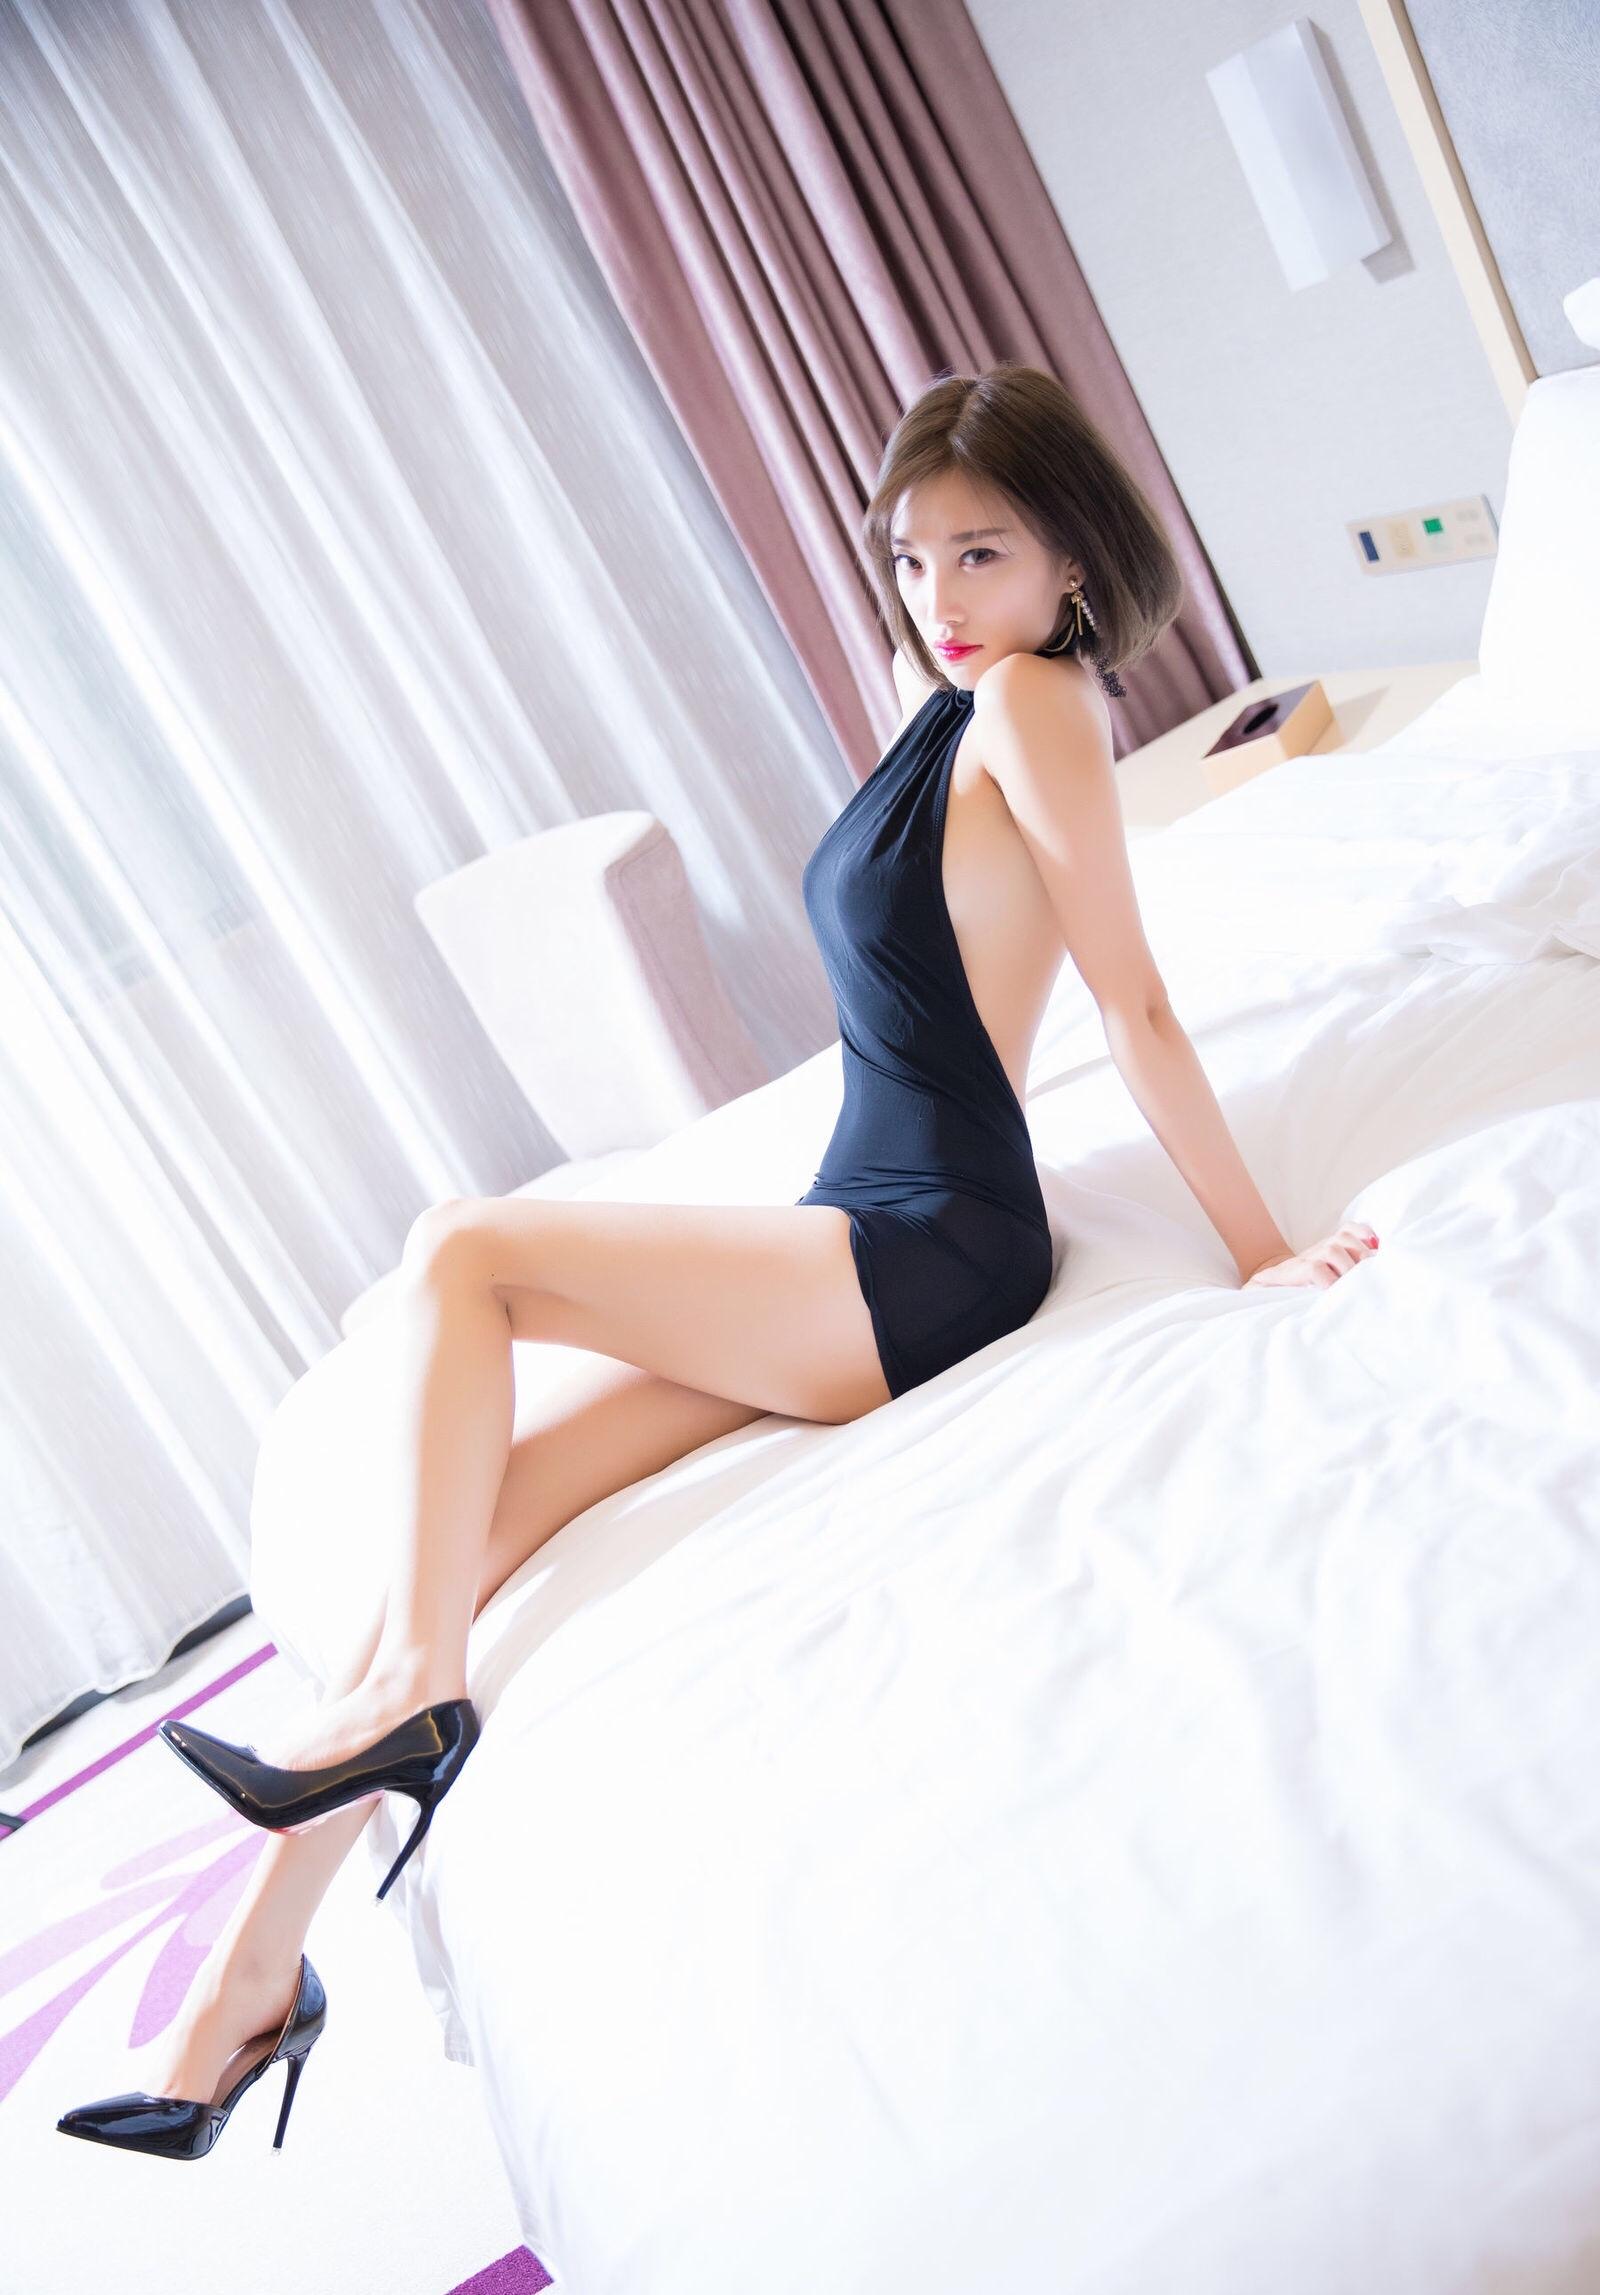 杨晨晨のセクシーすぎるボディコンドレス 12